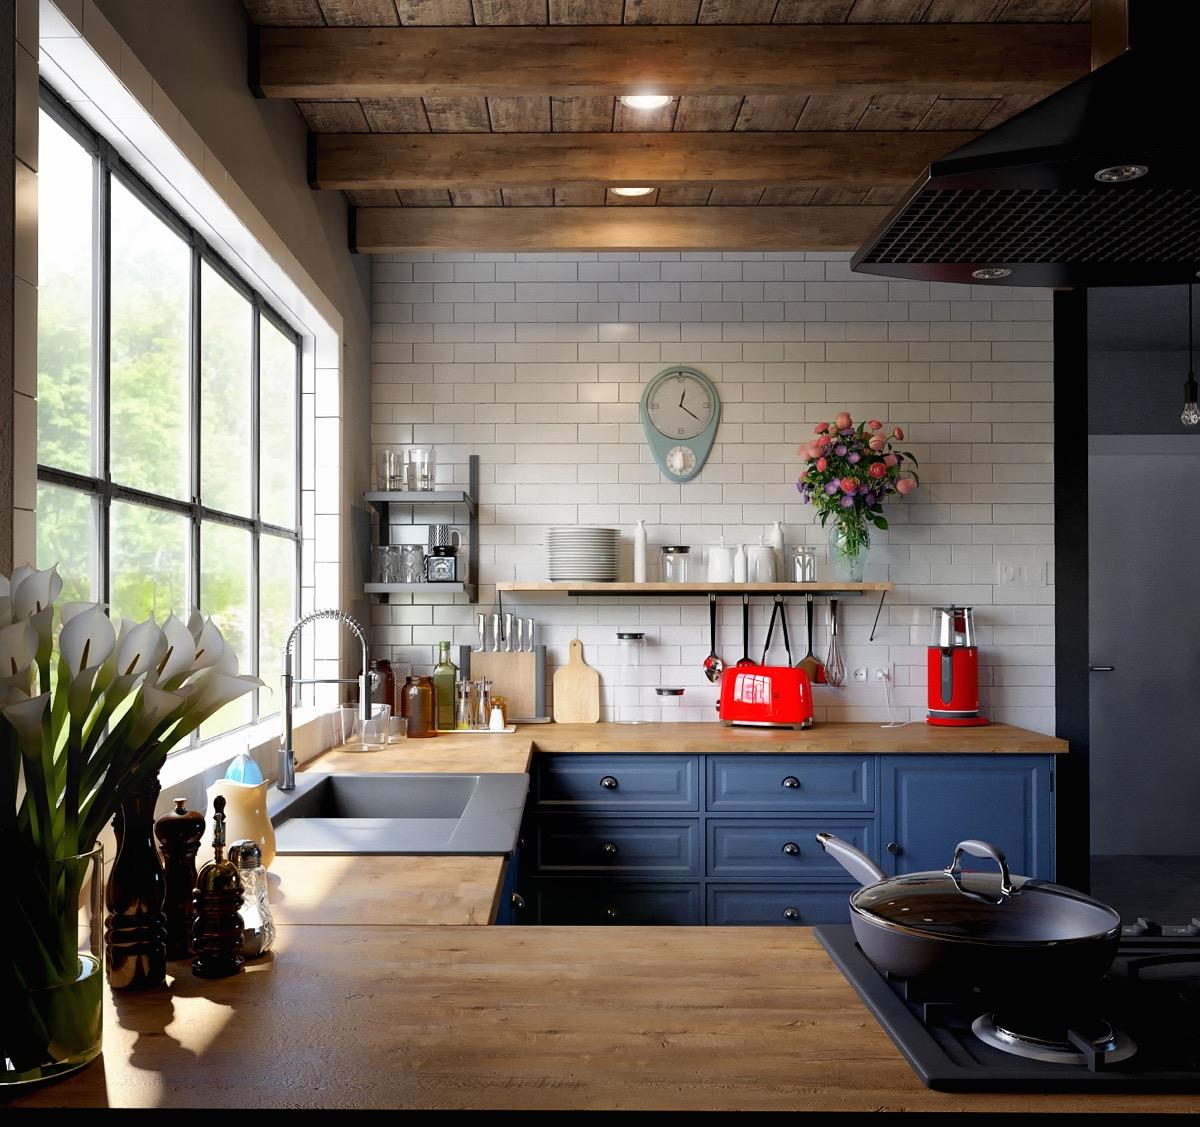 لوازم برقی قرمز رنگ در آشپزخانه